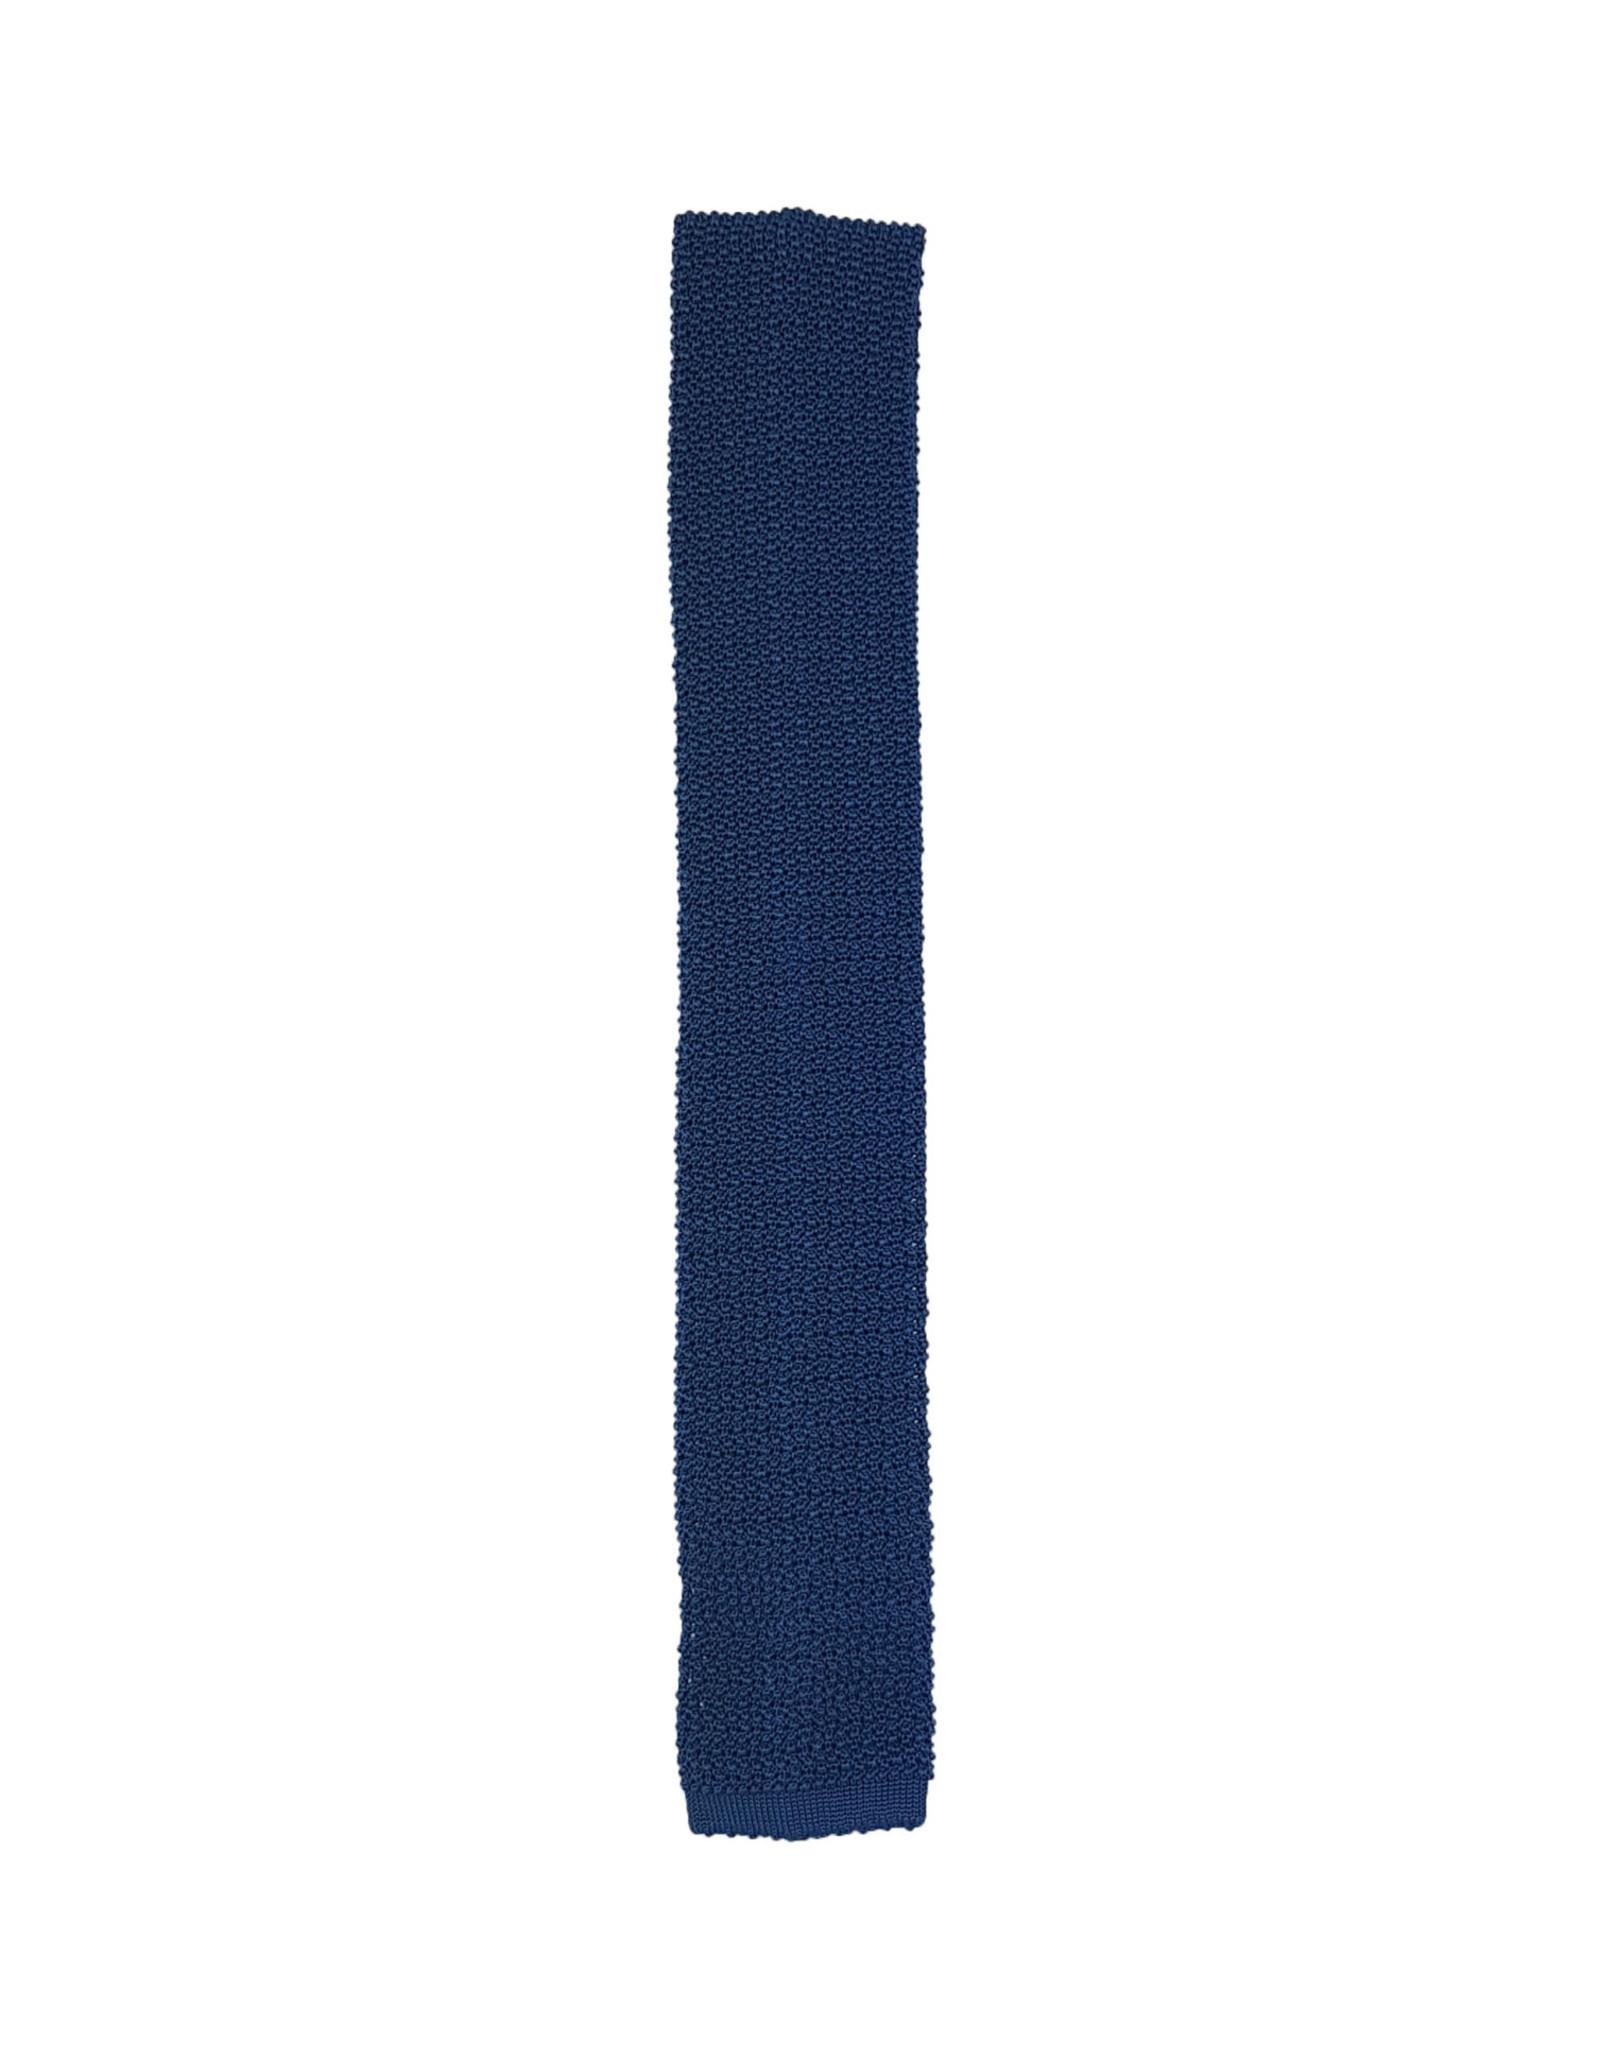 Ascot Ascot gebreide das blauw 631502/2